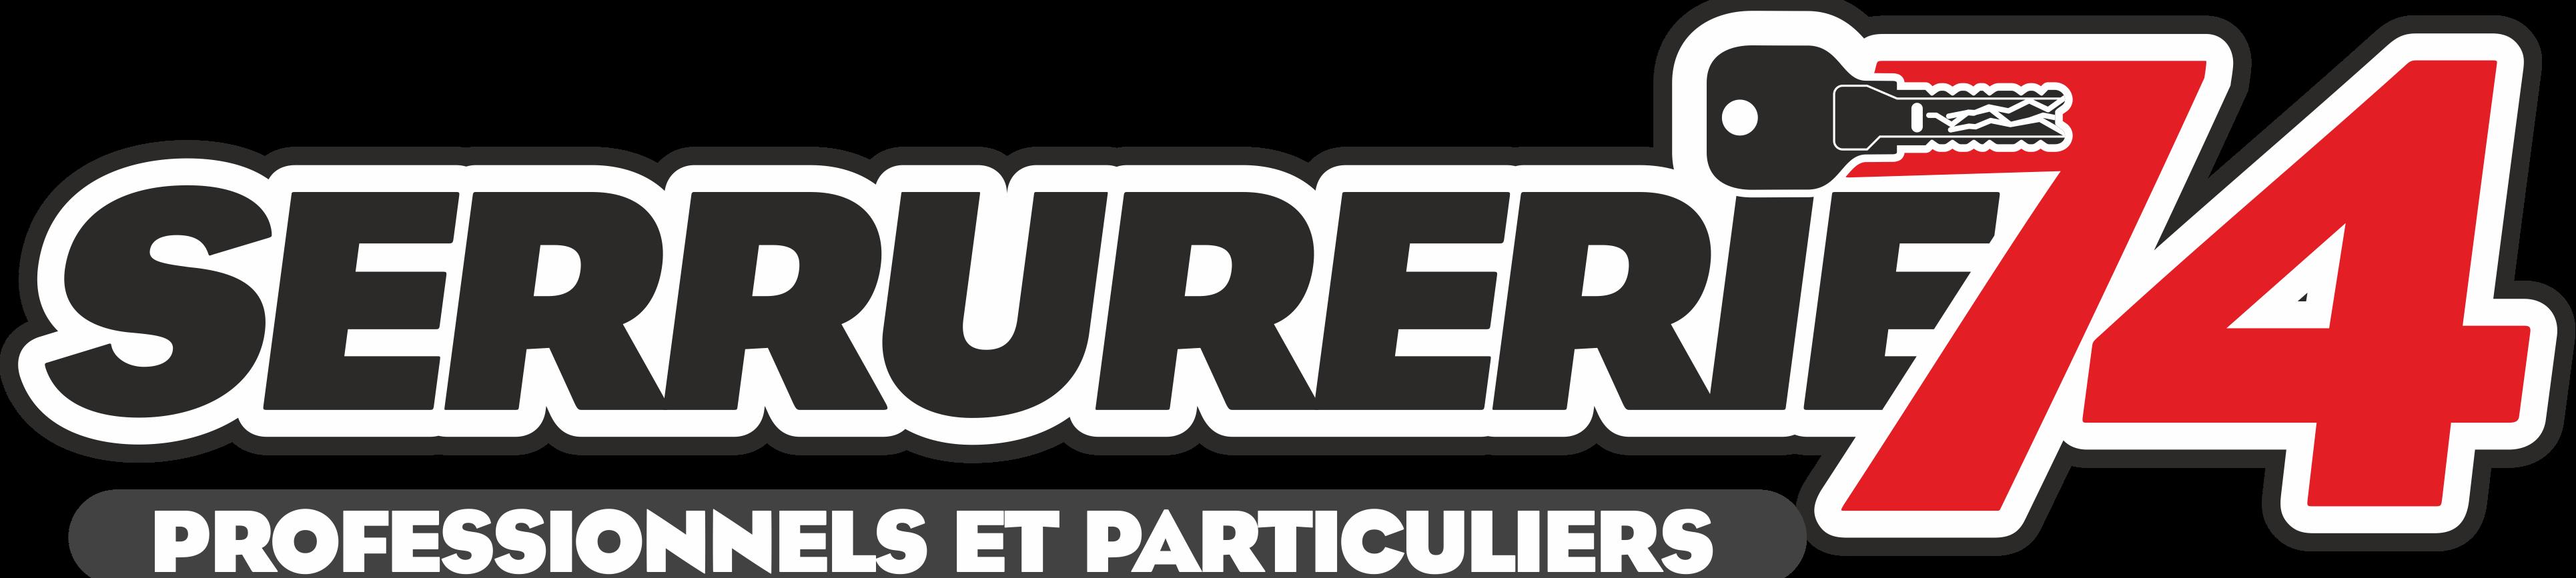 Serrurerie74 – Haute savoie